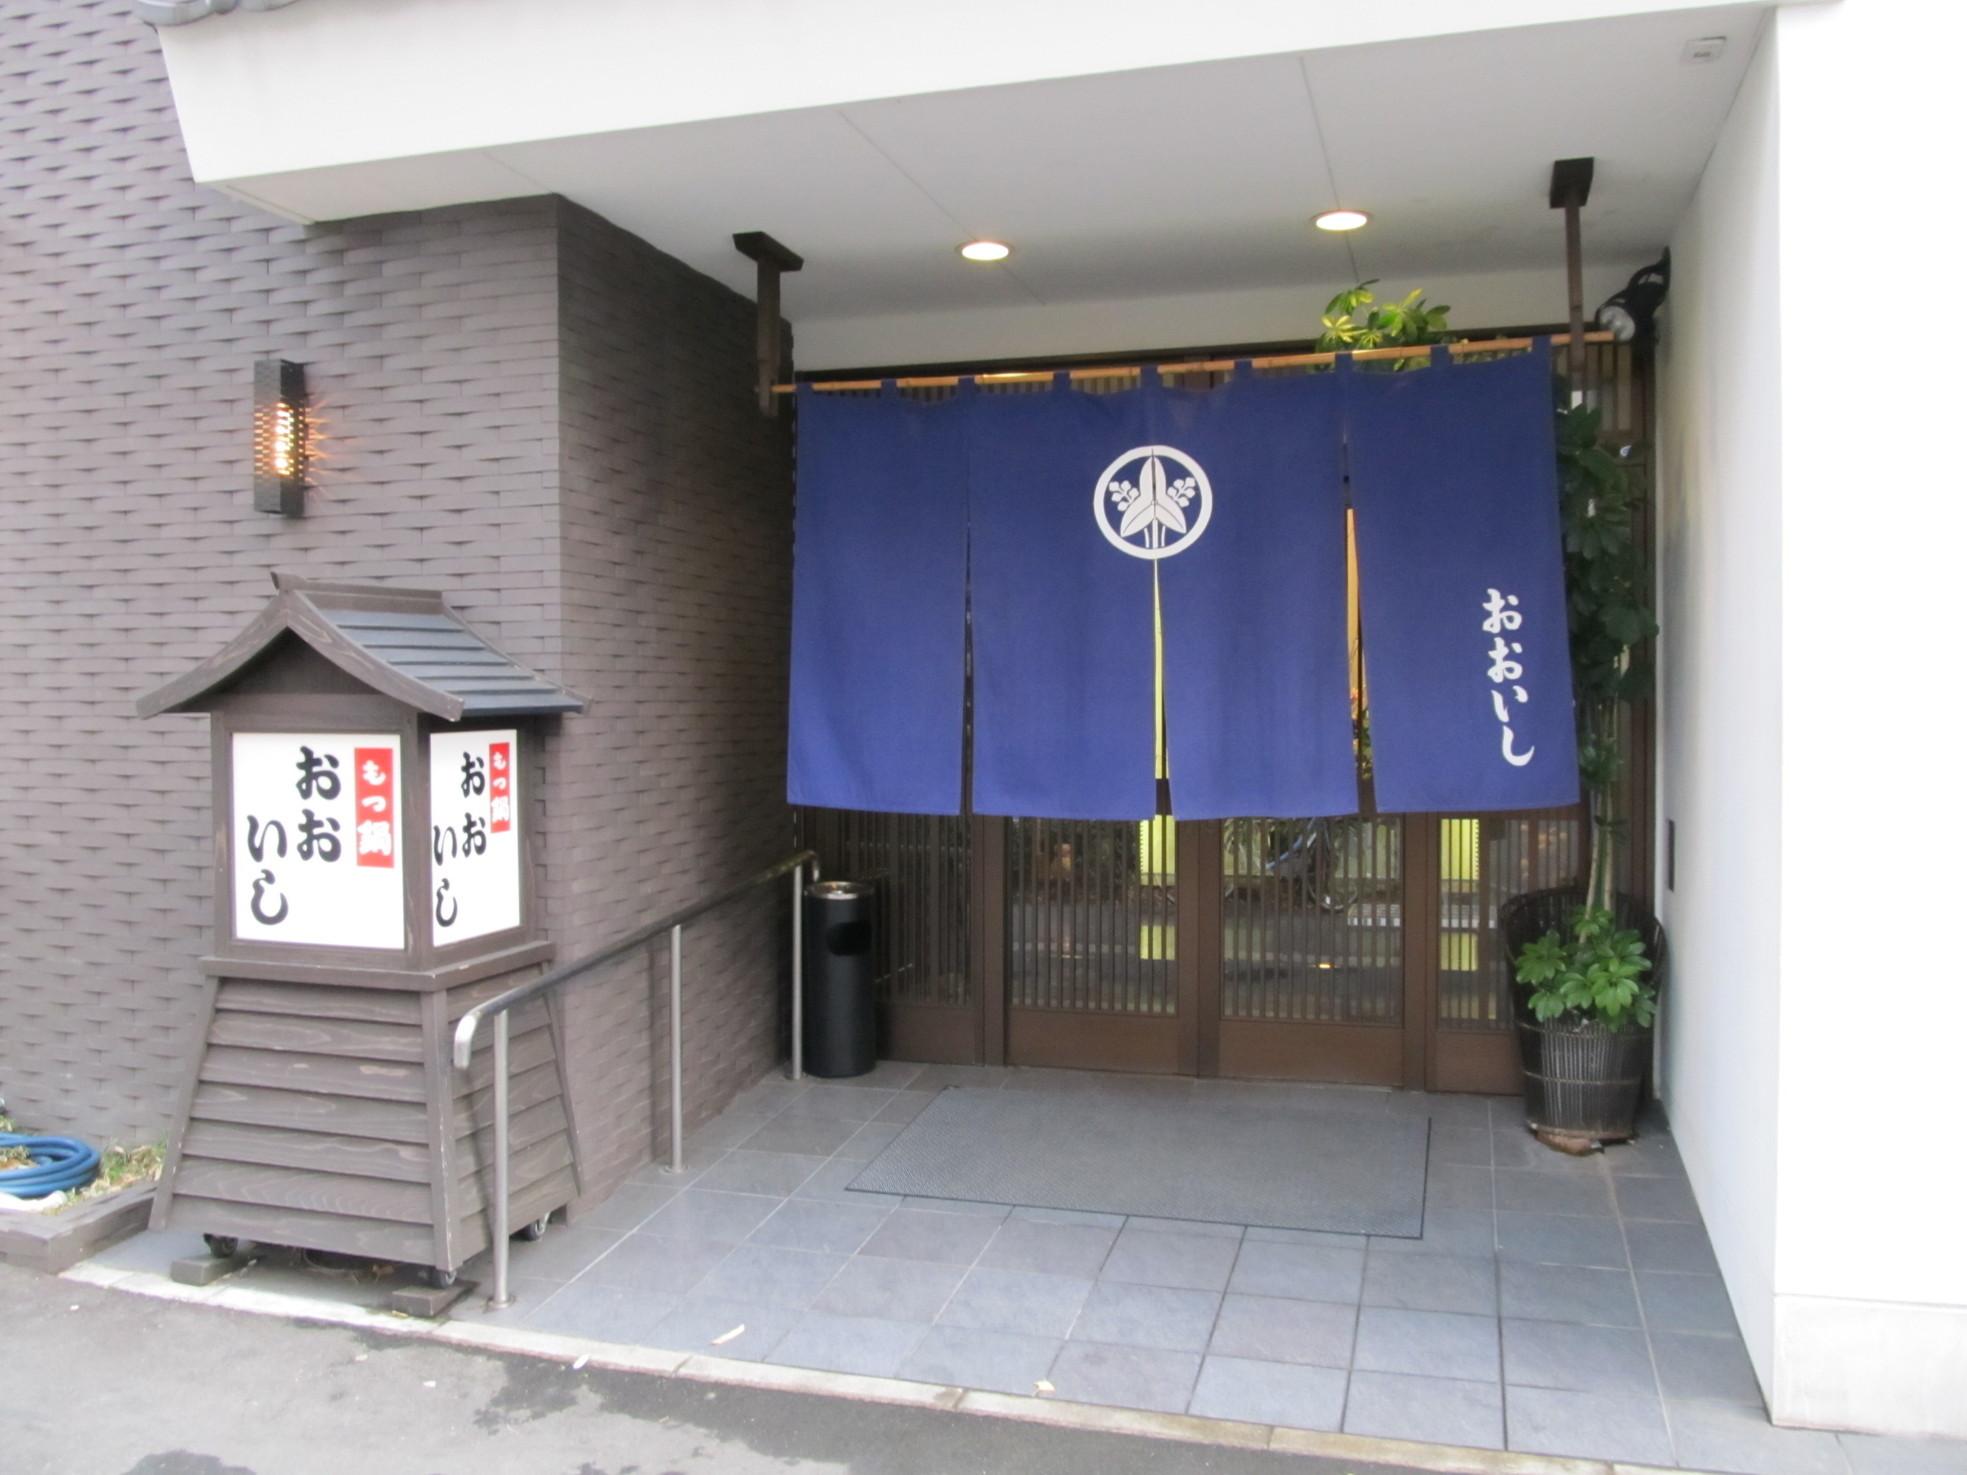 福岡名物を食べるならここ!博多のもつ鍋屋おすすめランキング